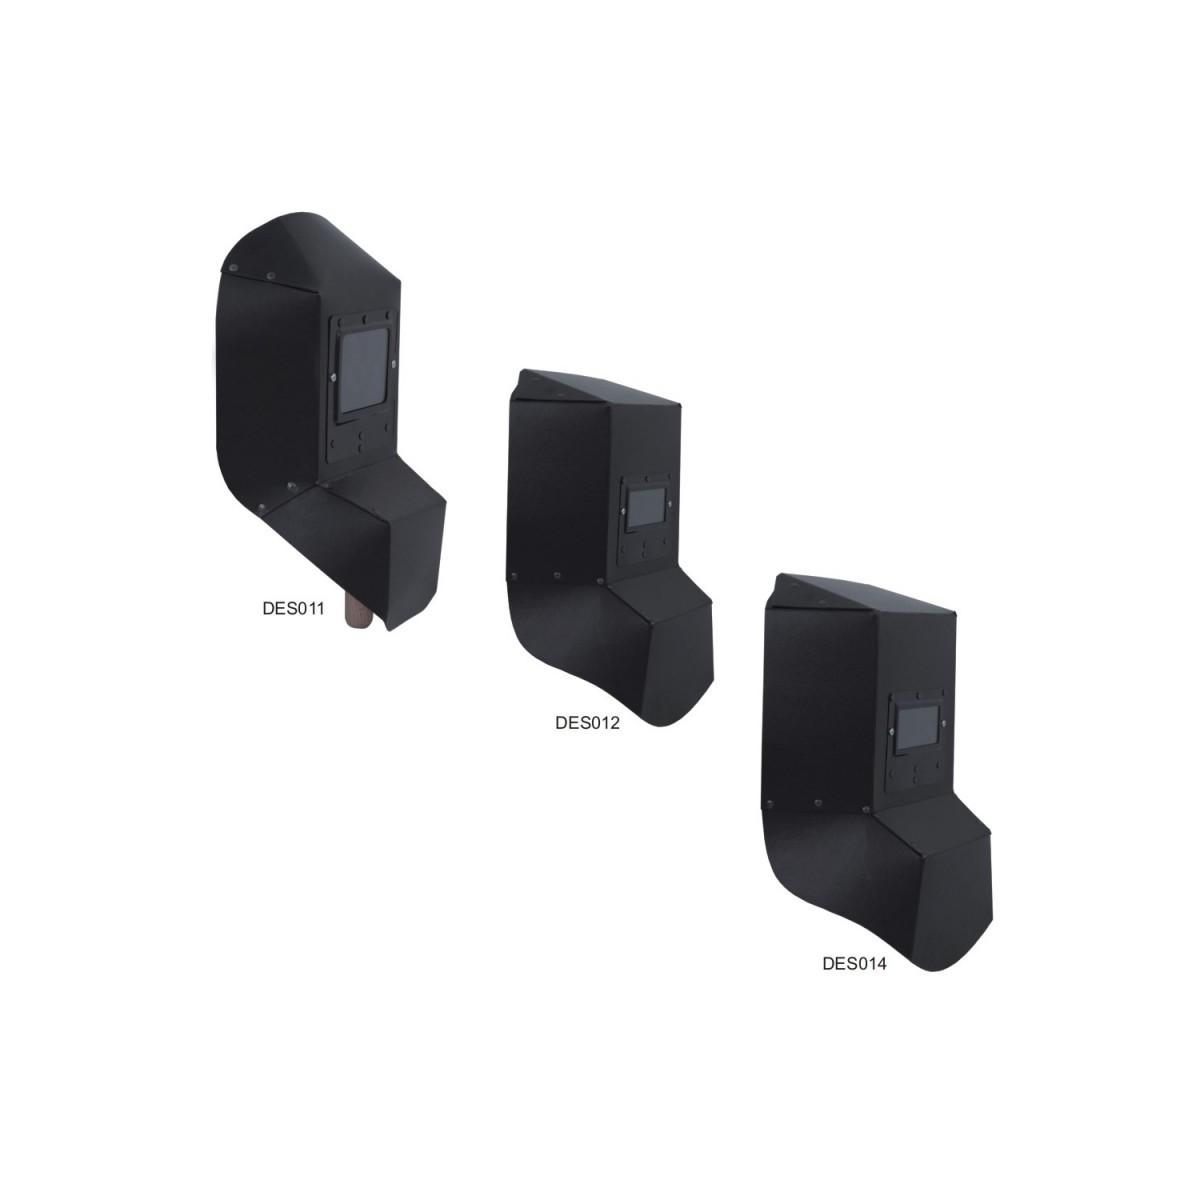 Tarcza 235 x 385 mm DEDRA - DES012 Tarcza 235 x 385 mm DEDRA - DES012